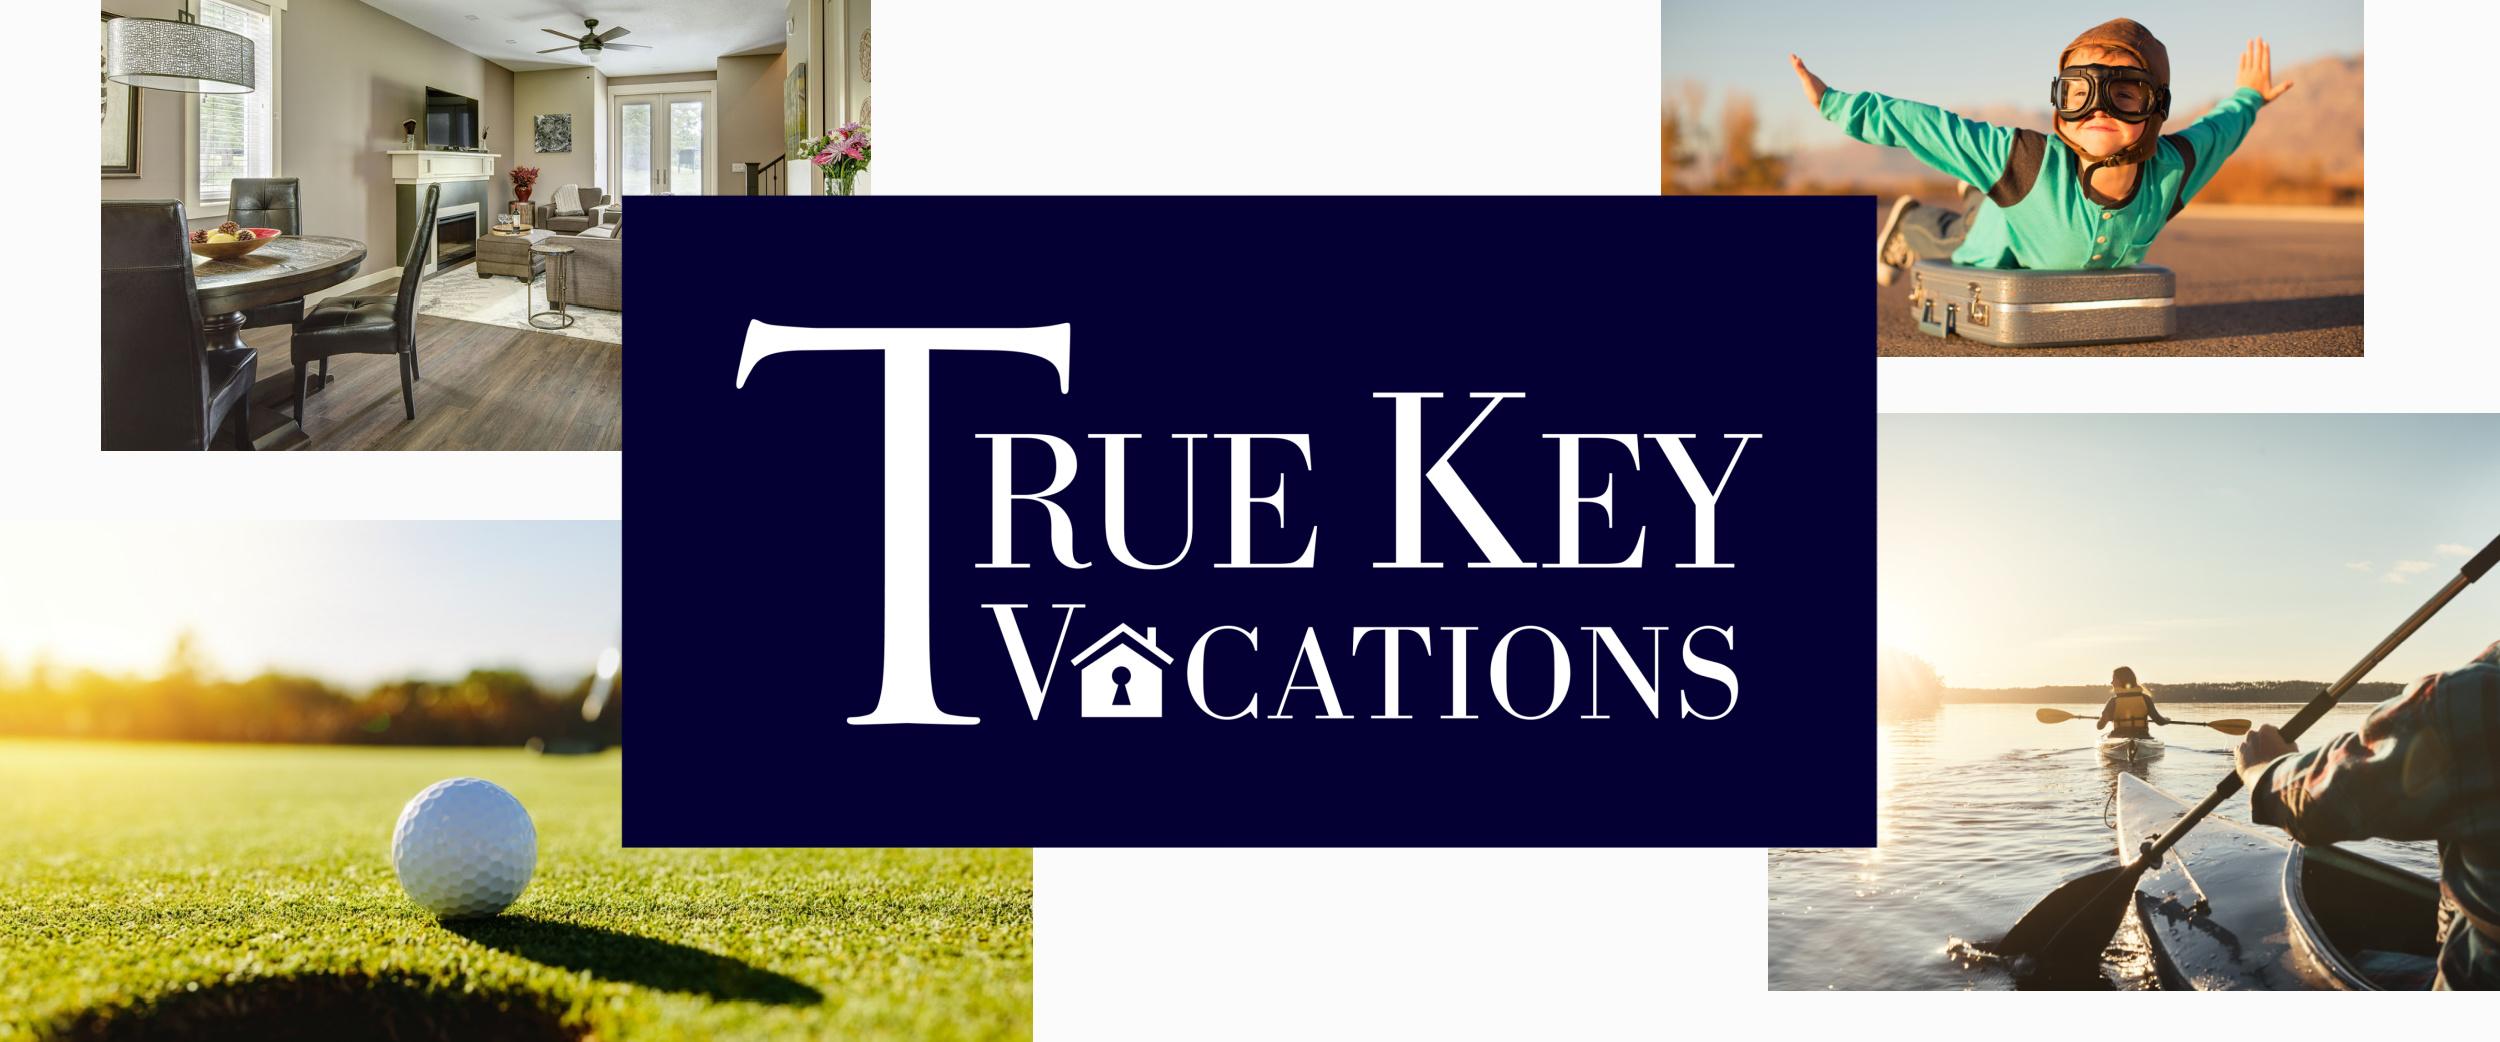 True Key Vacations